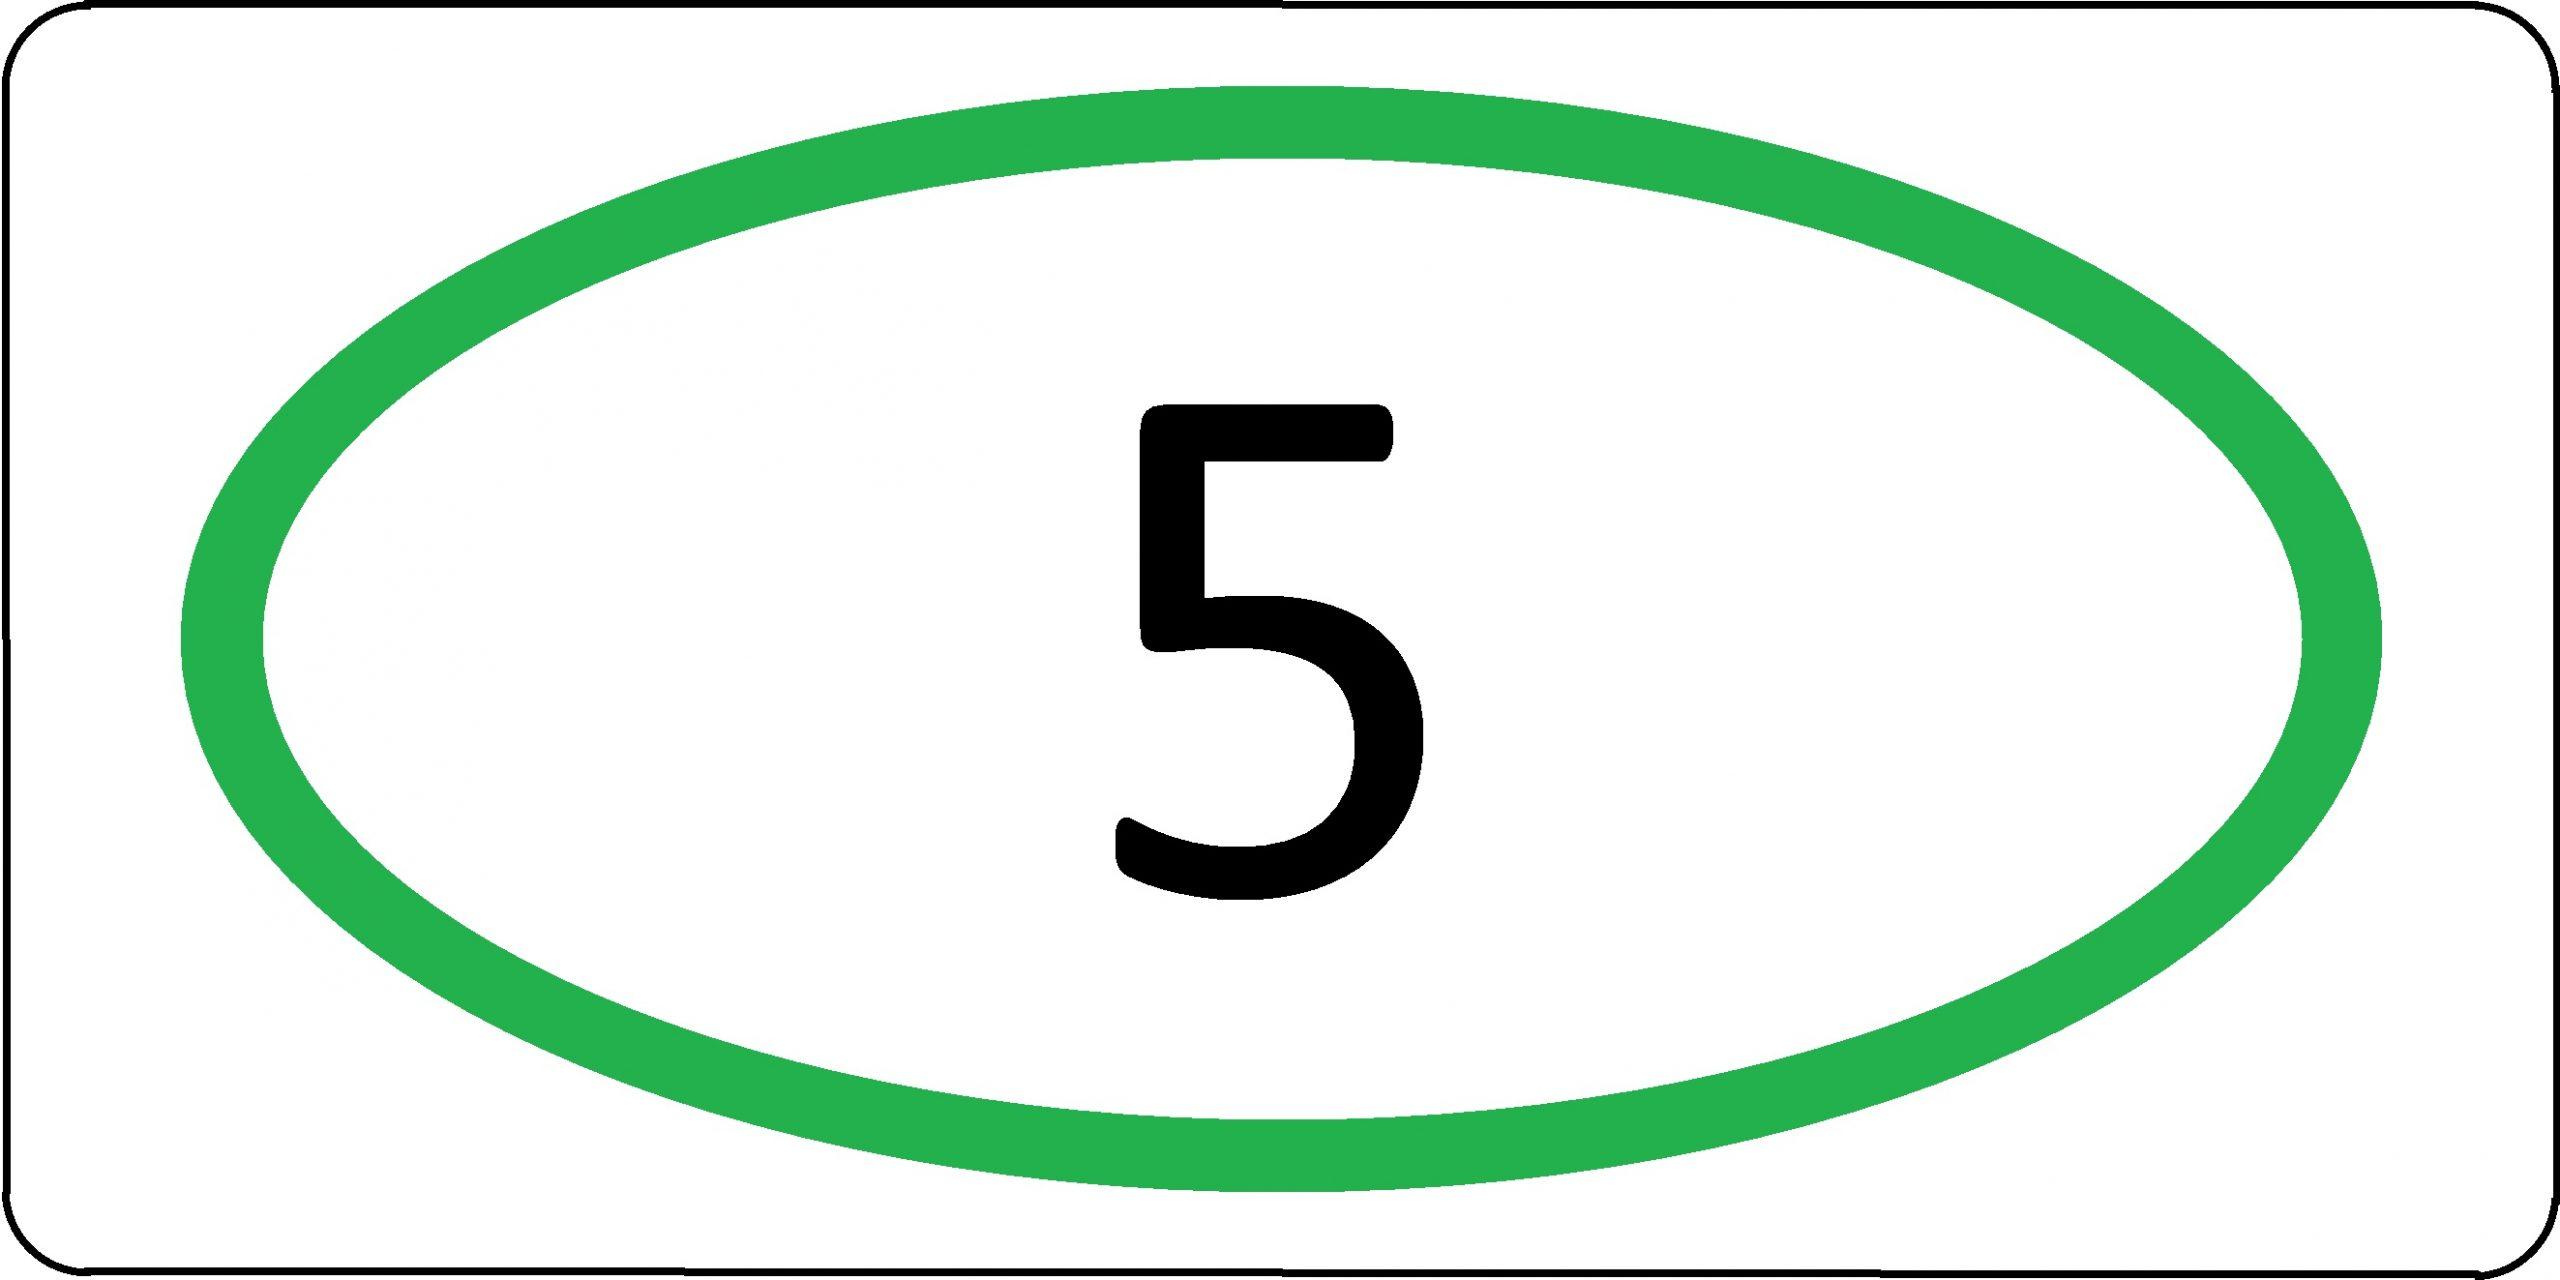 Экологический класс транспортного средства №5